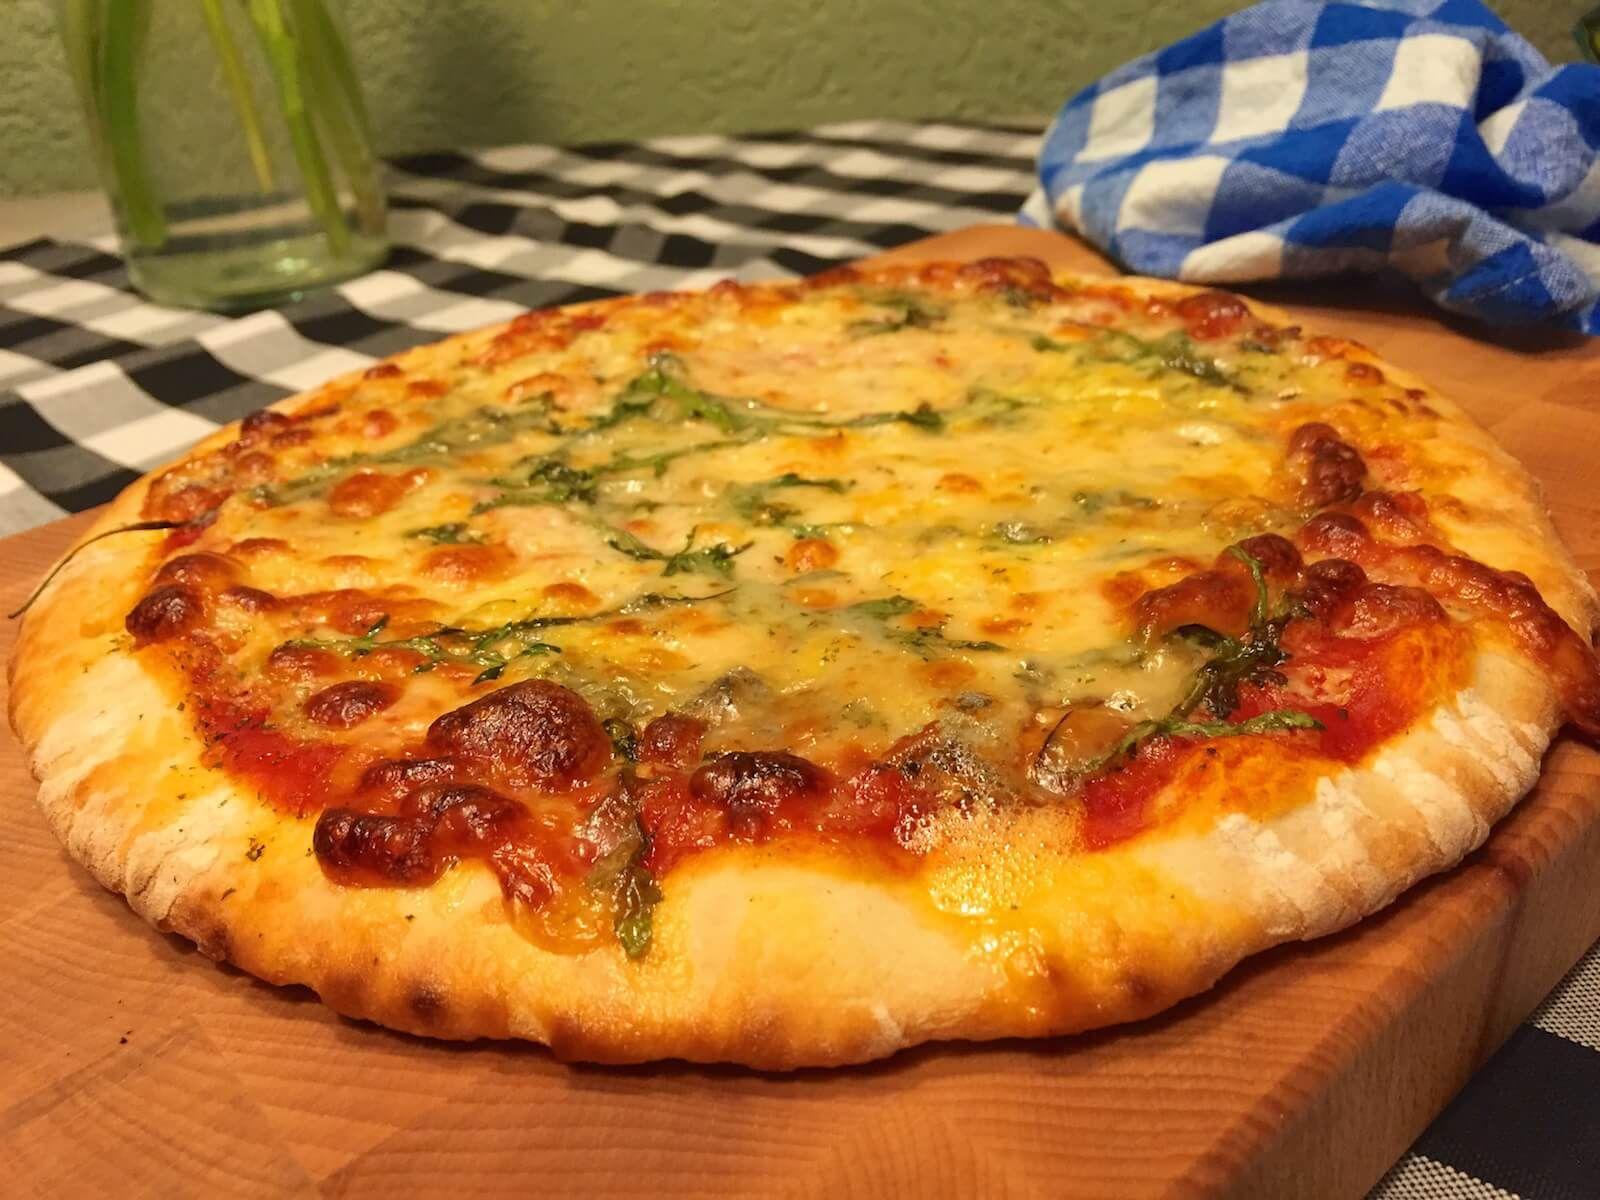 Elke kaasliefhebber vind deze pizza ontzettend lekker, de intense smaak van deze vier kazen is bijzonder lekker. Bijkomend voordeel, deze pizza blijft langer warm. Door de kaas ontstaat er een mini oven en blijft de bodem langer warm. Uiteraard kun je zelf je favoriete kazen kiezen, maar deze 4 zijn zowat het populairst.